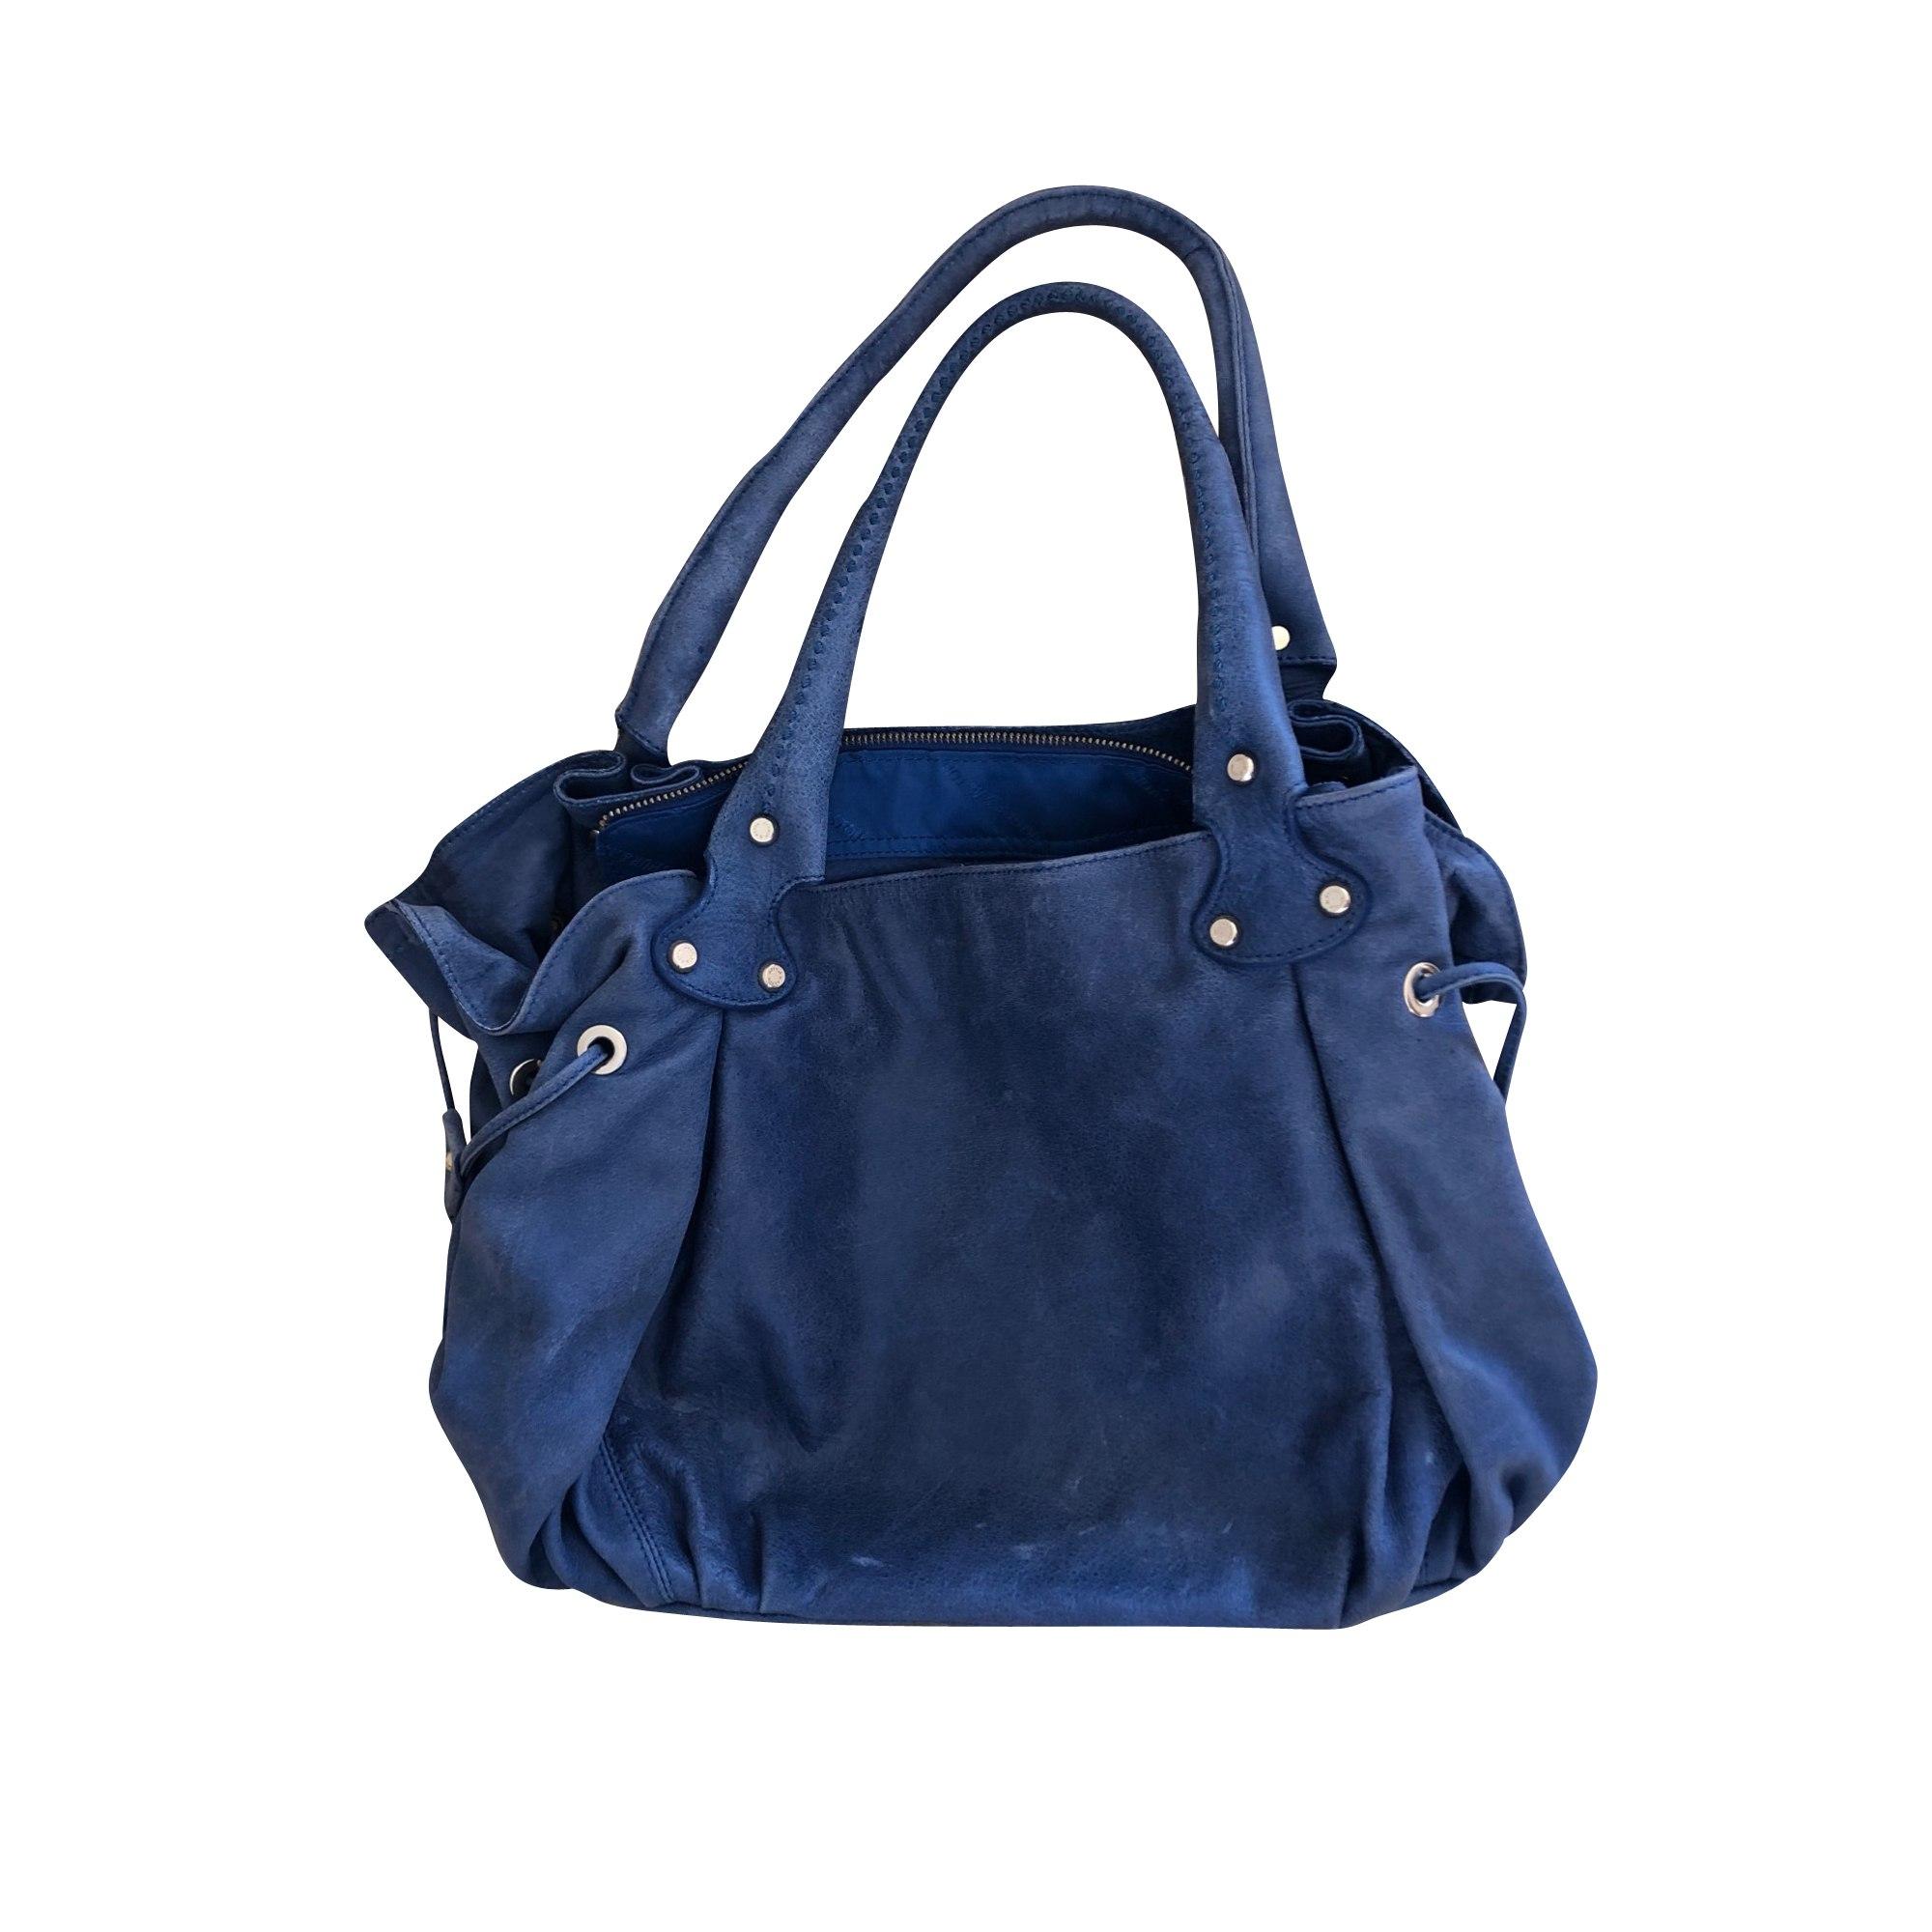 Lederhandtasche ARTHUR & ASTON Blau, marineblau, türkisblau